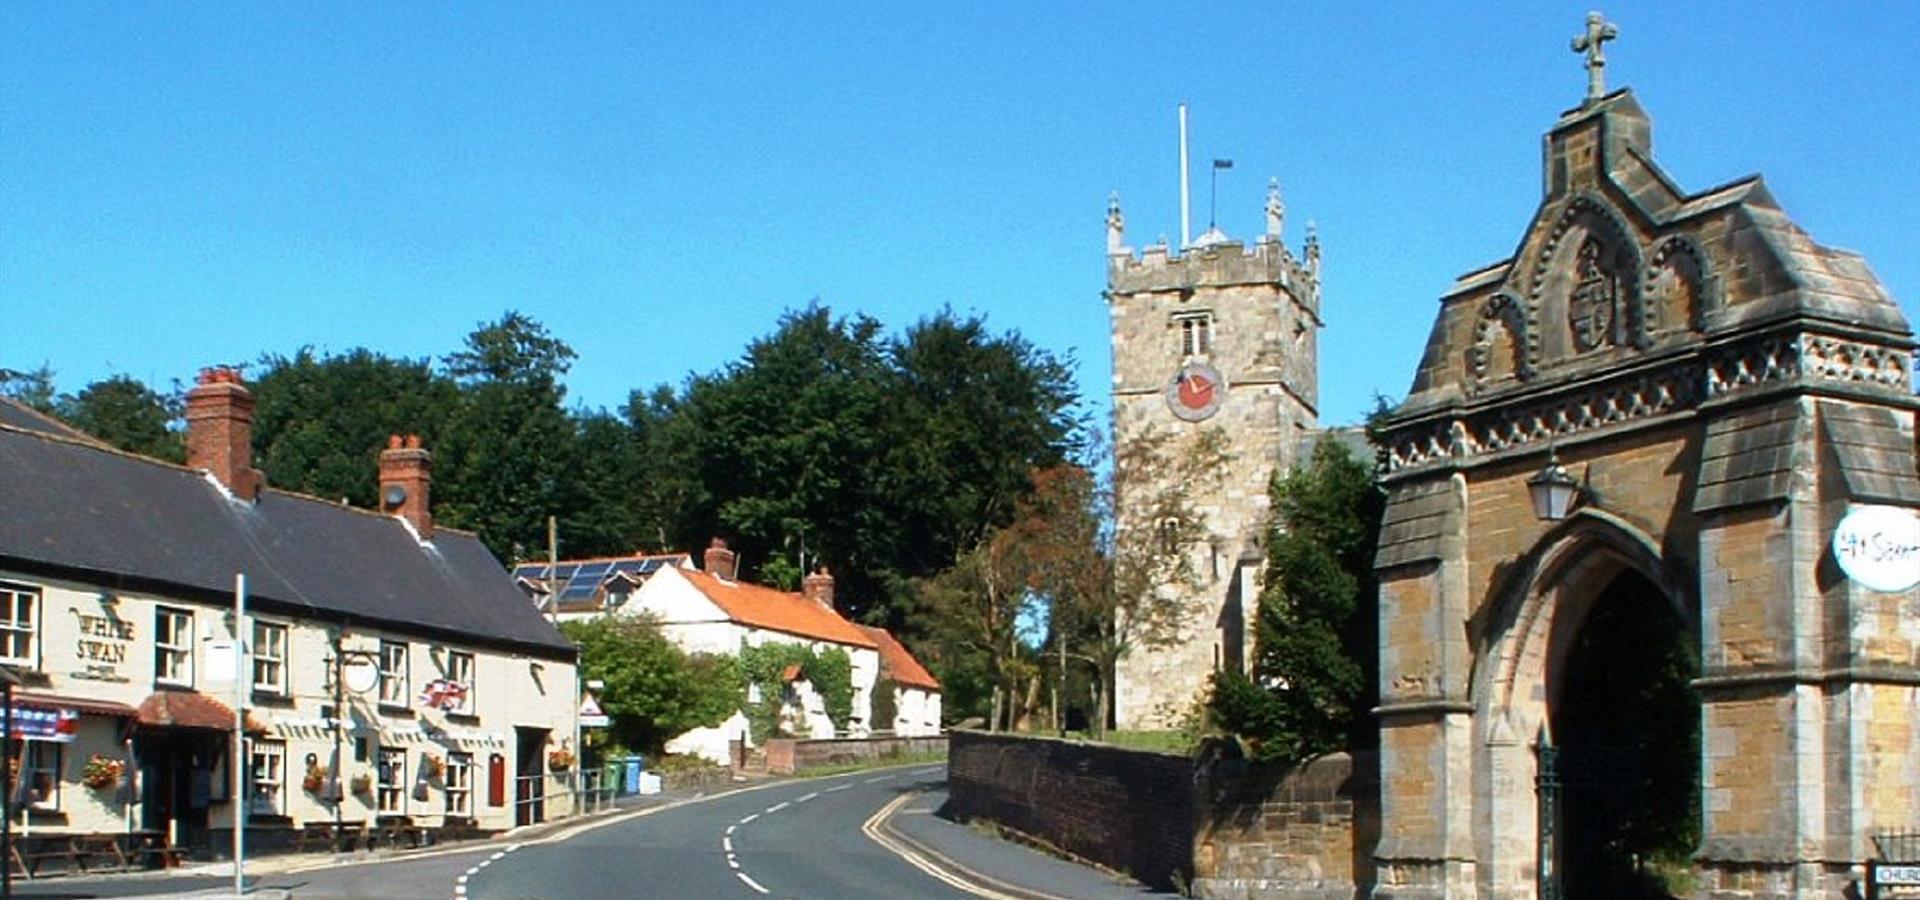 An image of Hunmanby Village by Nina Sheeran